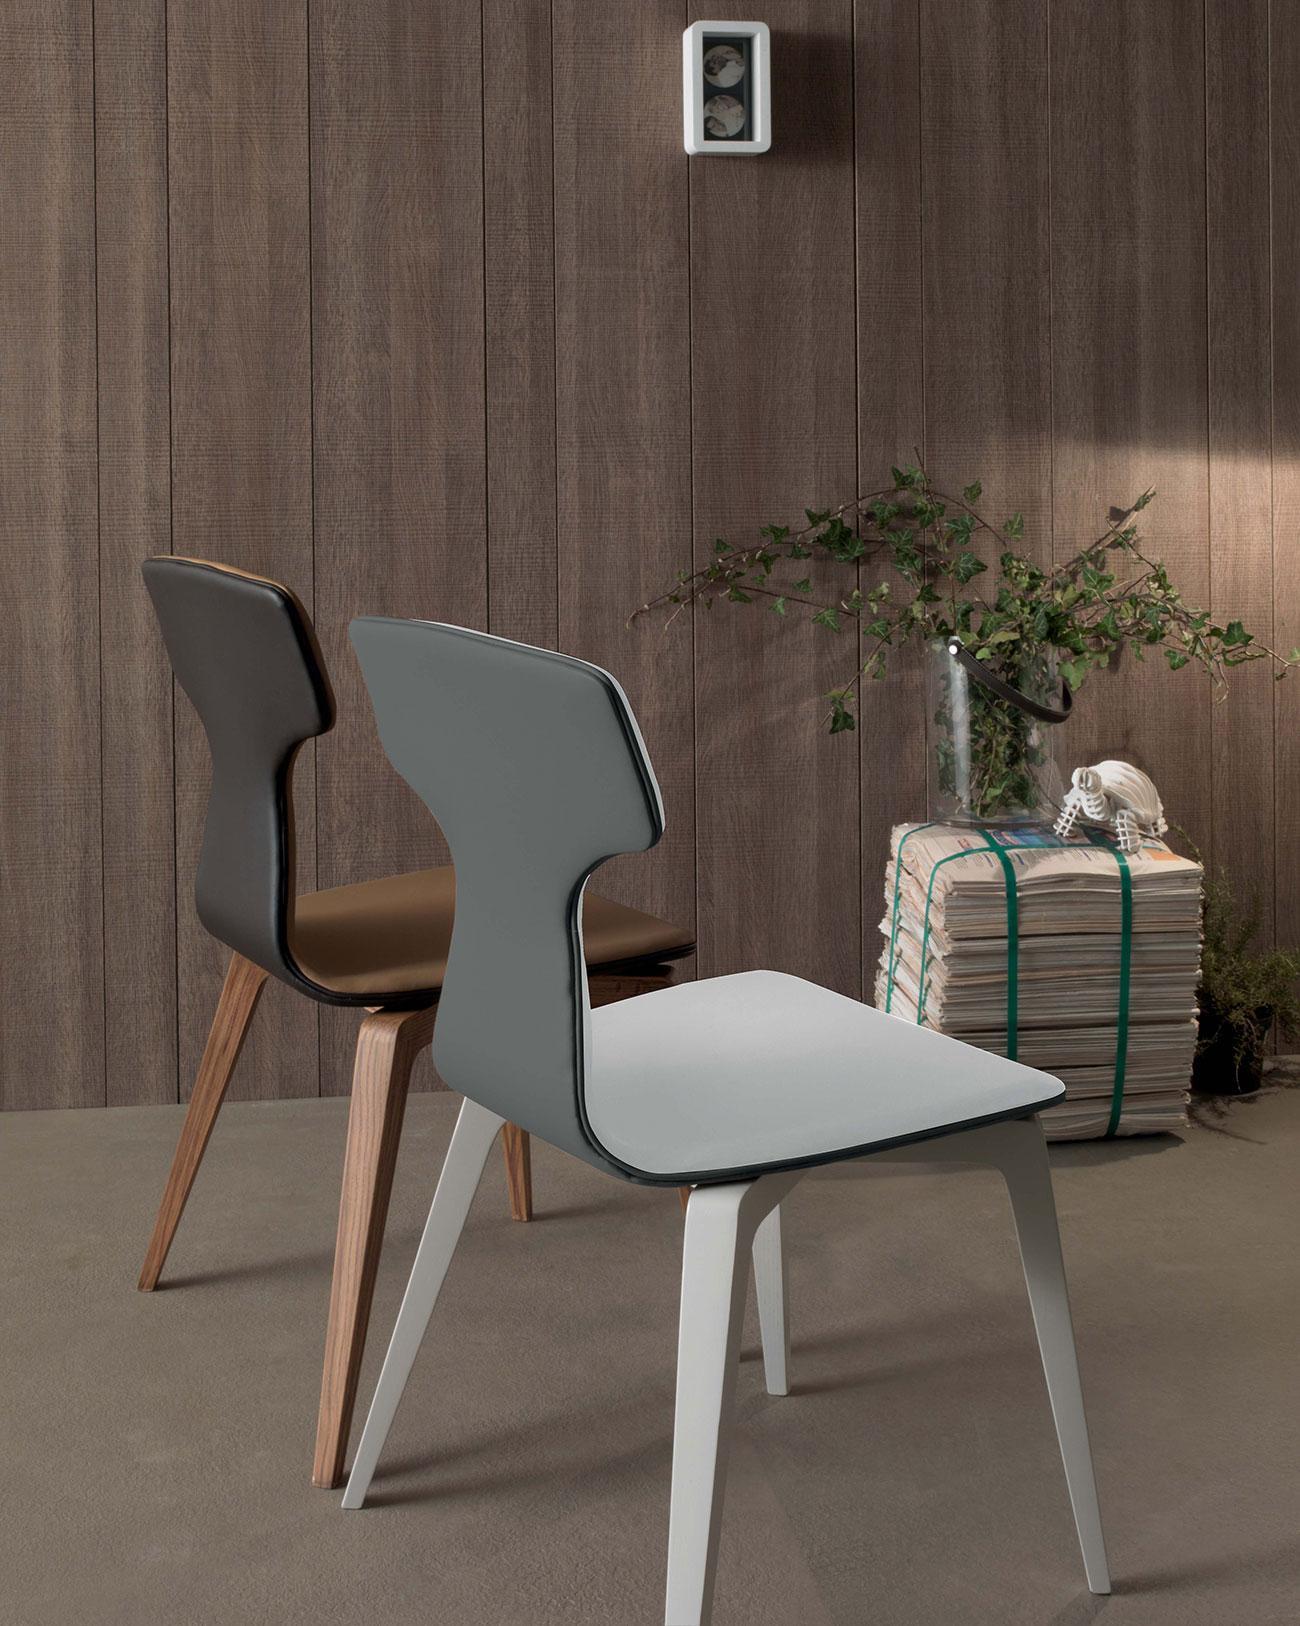 Sedie In Ecopelle Bianche Prezzi.Monica Sedia In Ecopelle Italy Dream Design